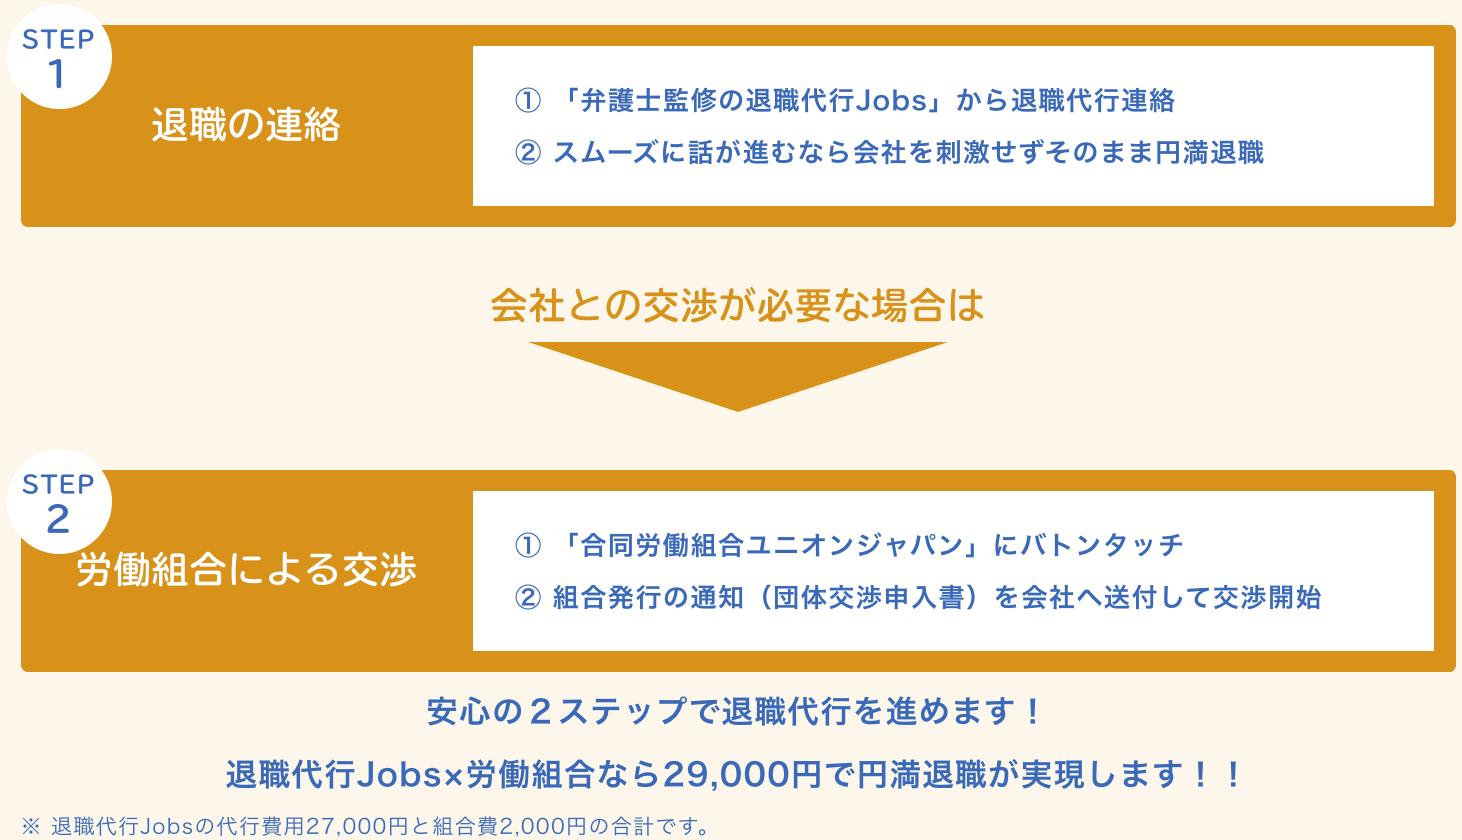 退職代行Jobs 利用の流れ